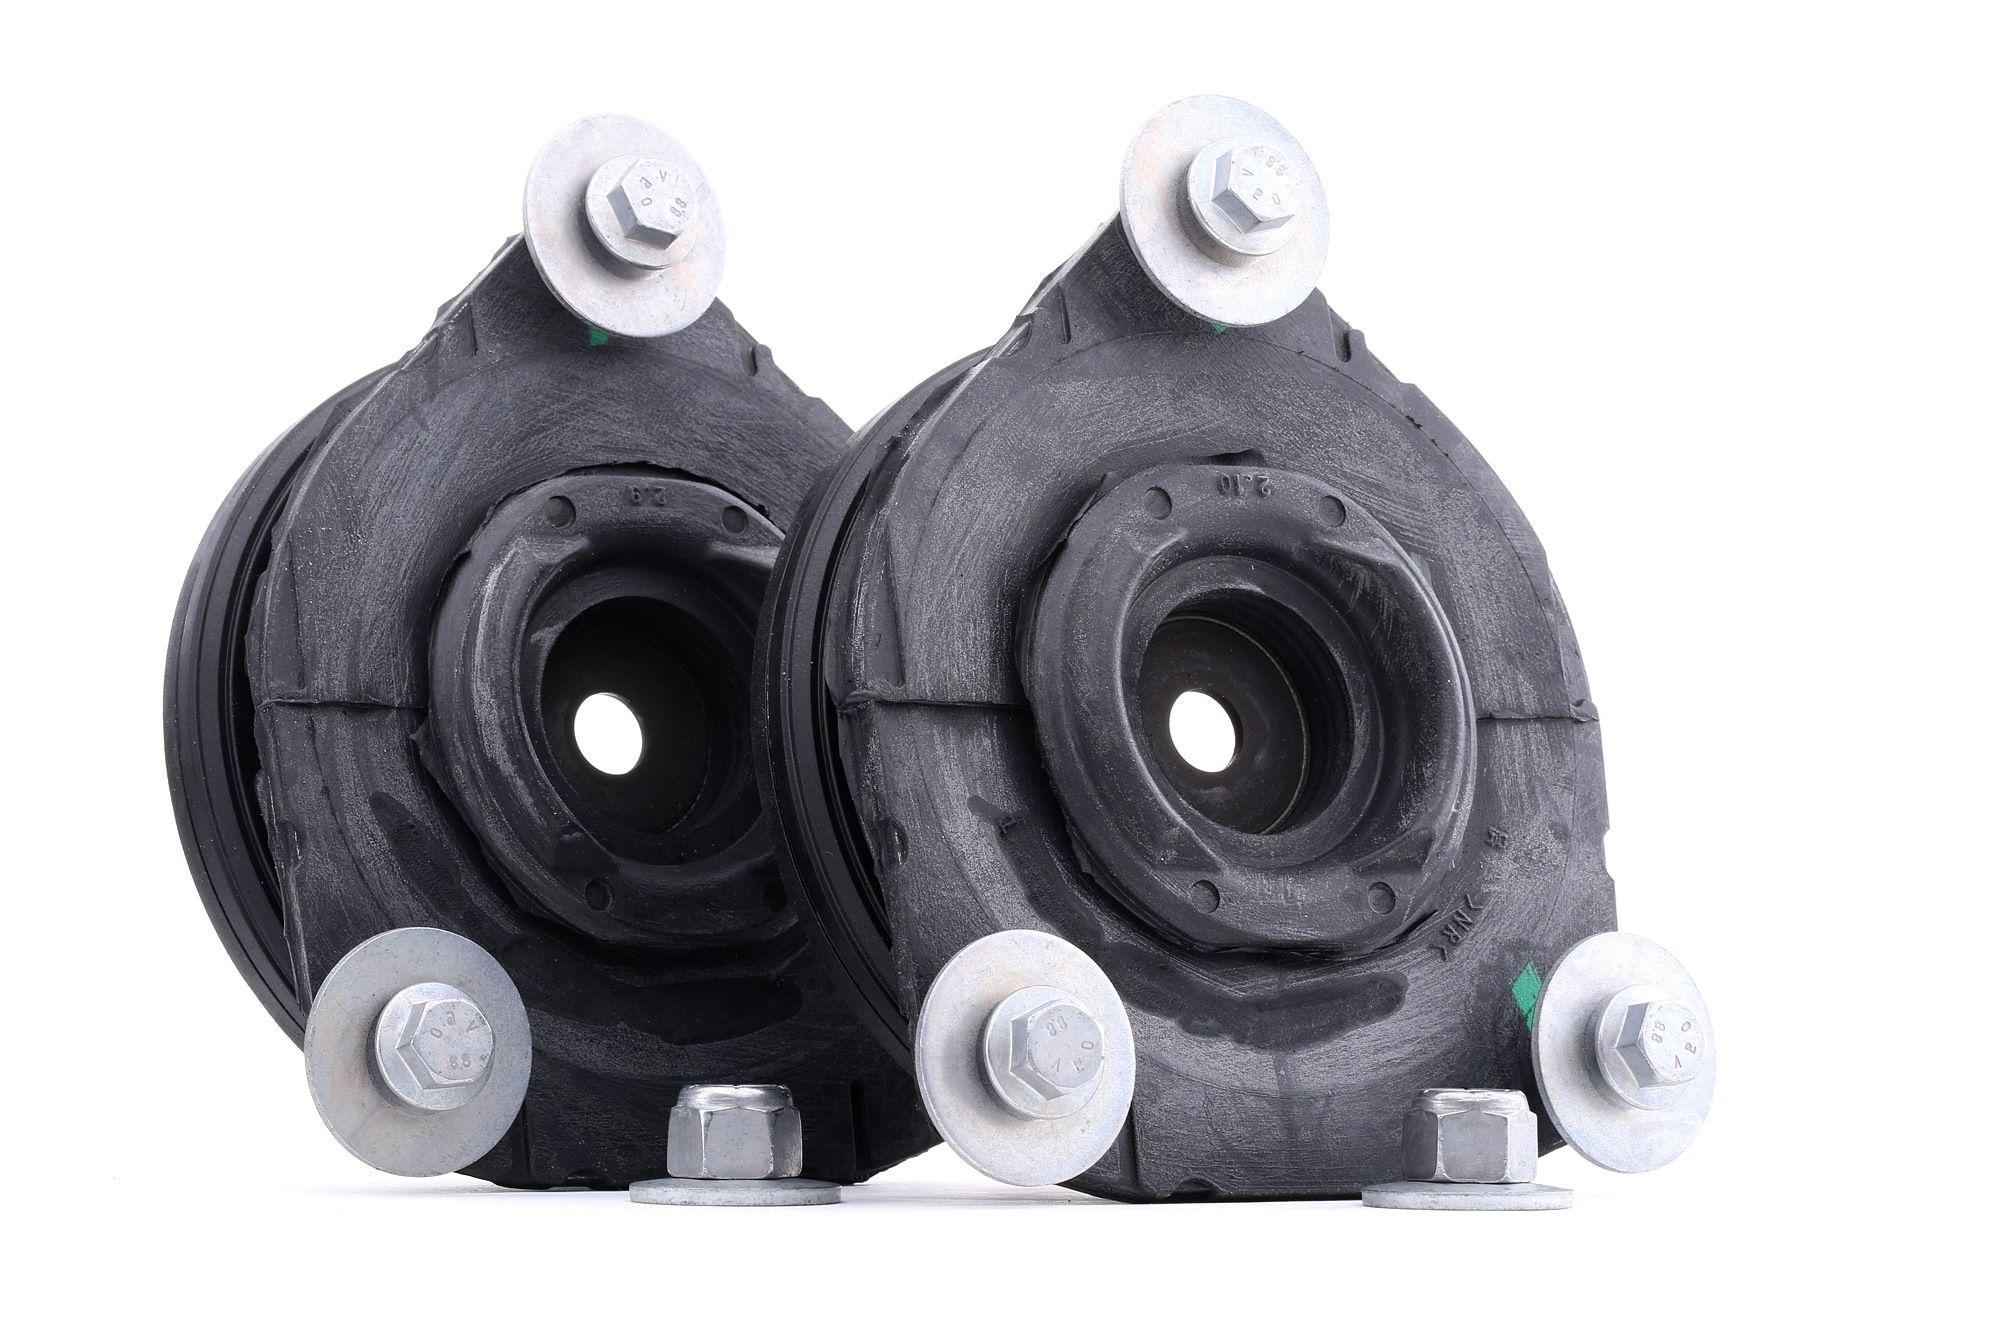 Achetez Amortissement SKF VKDA 35610 T () à un rapport qualité-prix exceptionnel